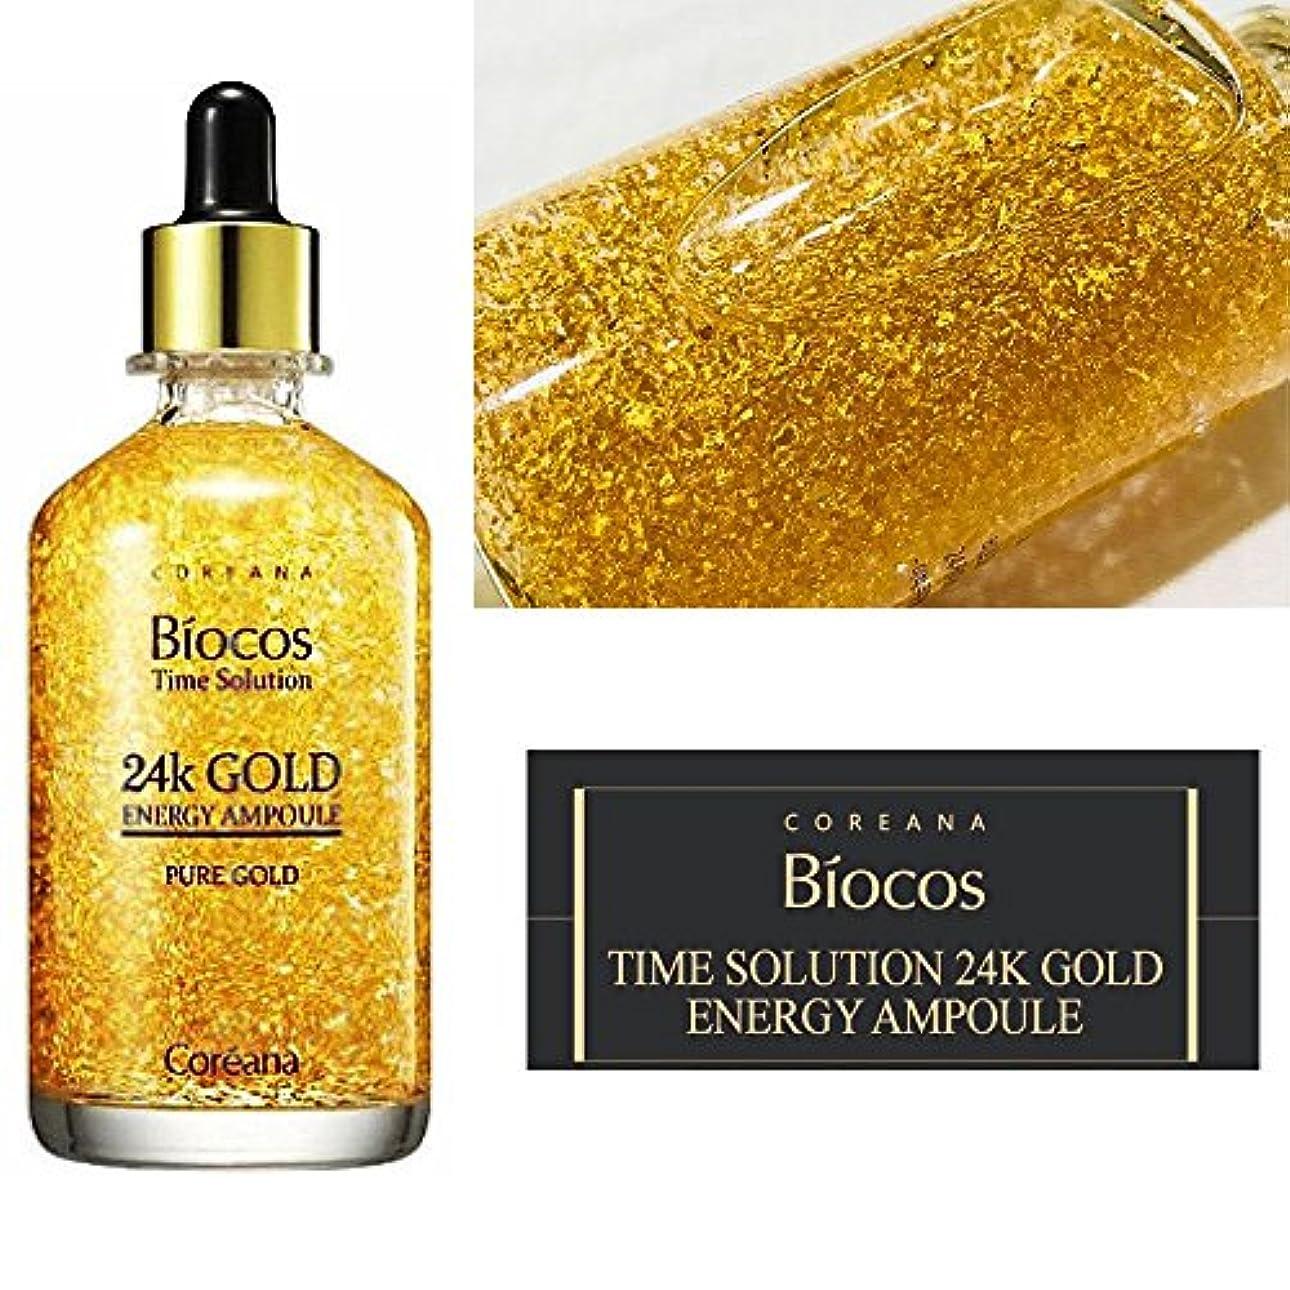 値する適合する自慢[COREANA] Biocos Time Solution 24kゴールドエナジーアンプル100ml/[COREANA] Biocos Time Solution 24K Gold Energy Ampoule - 100ml